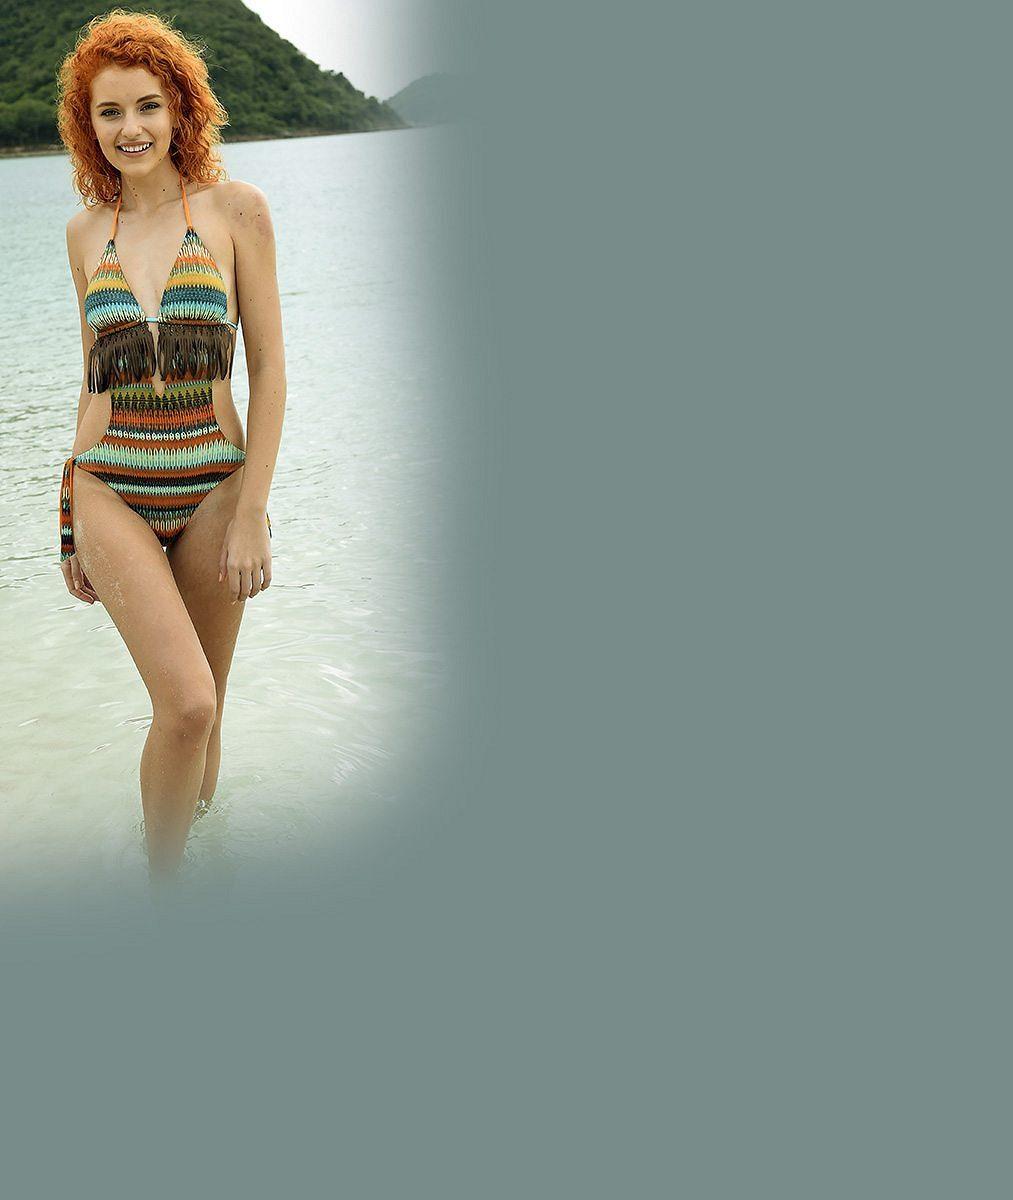 Na finalistky České Miss čekaly po příletu z Thajska jejich lásky. Vysoký fešák, kulturista i o třicet let starší štramák